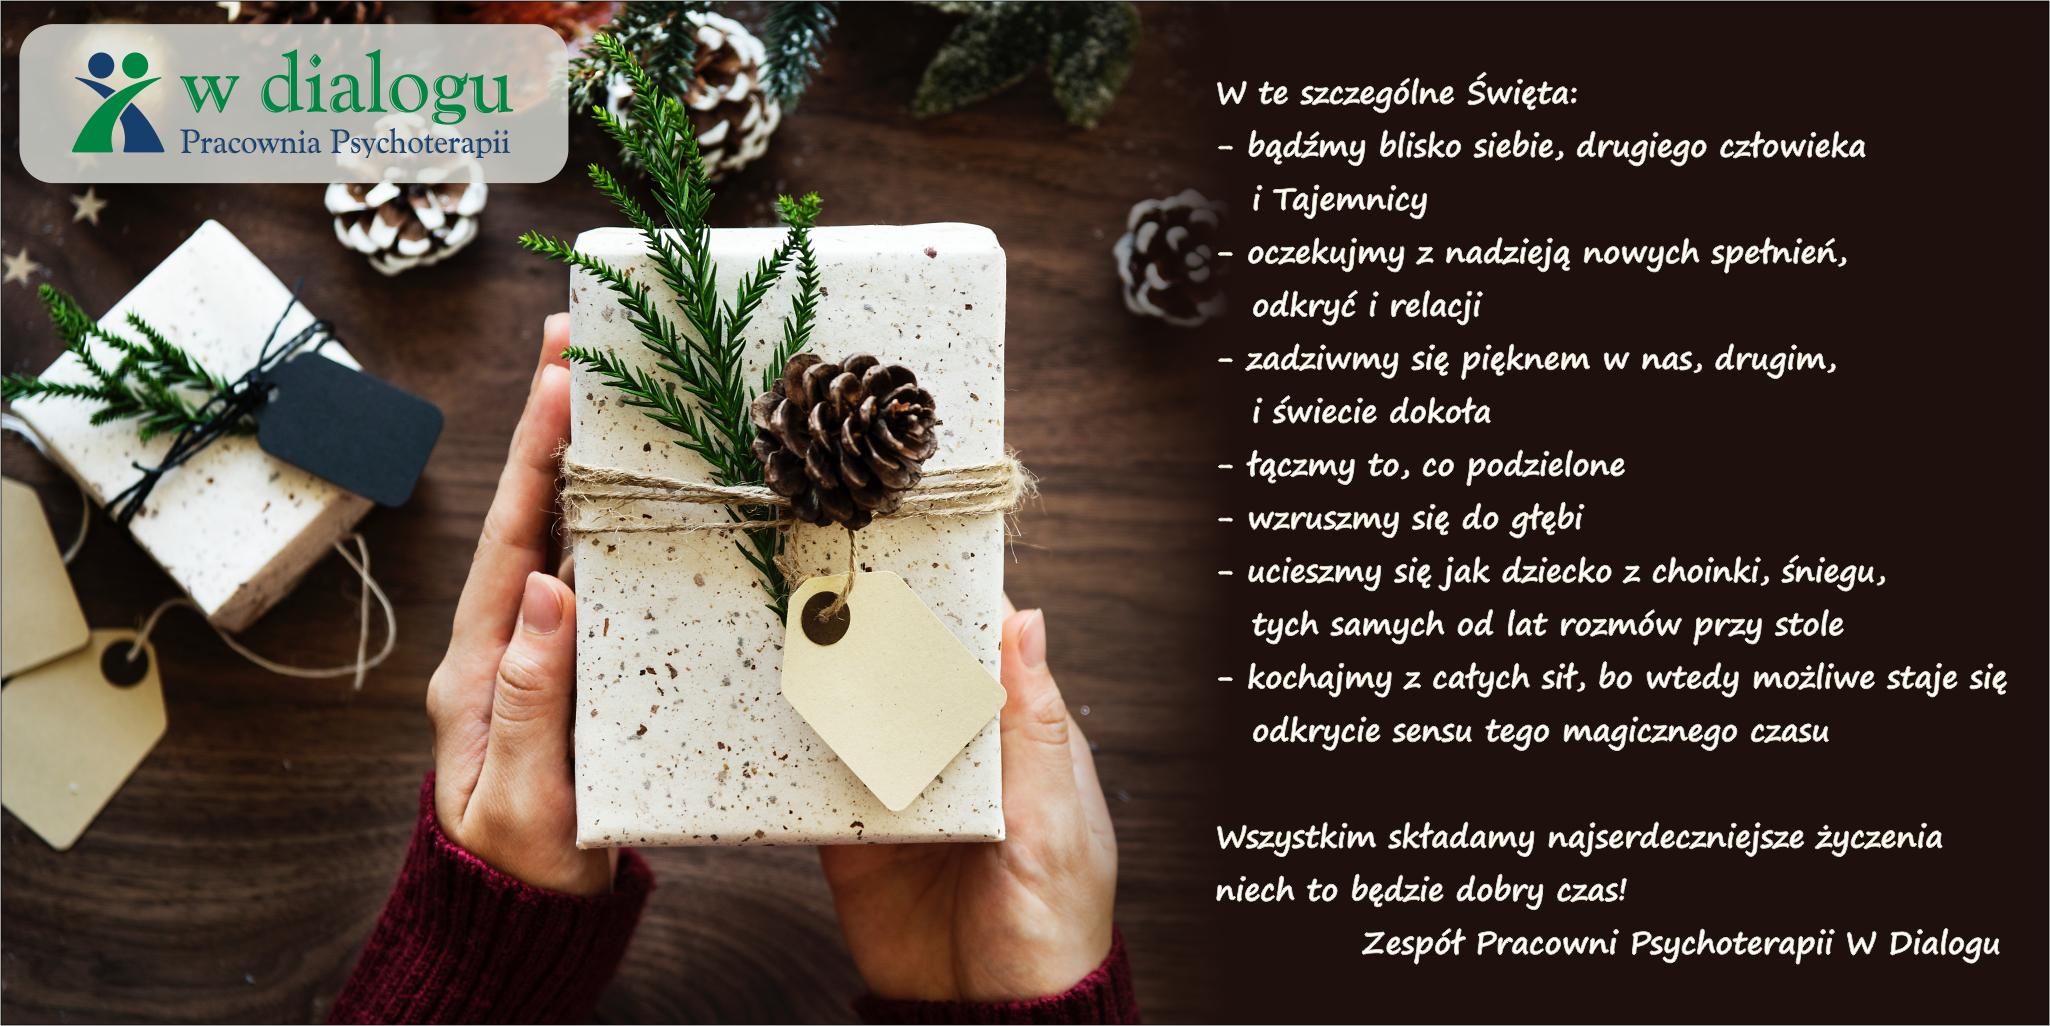 życzenia świąteczne psychoterapia w Dialogu